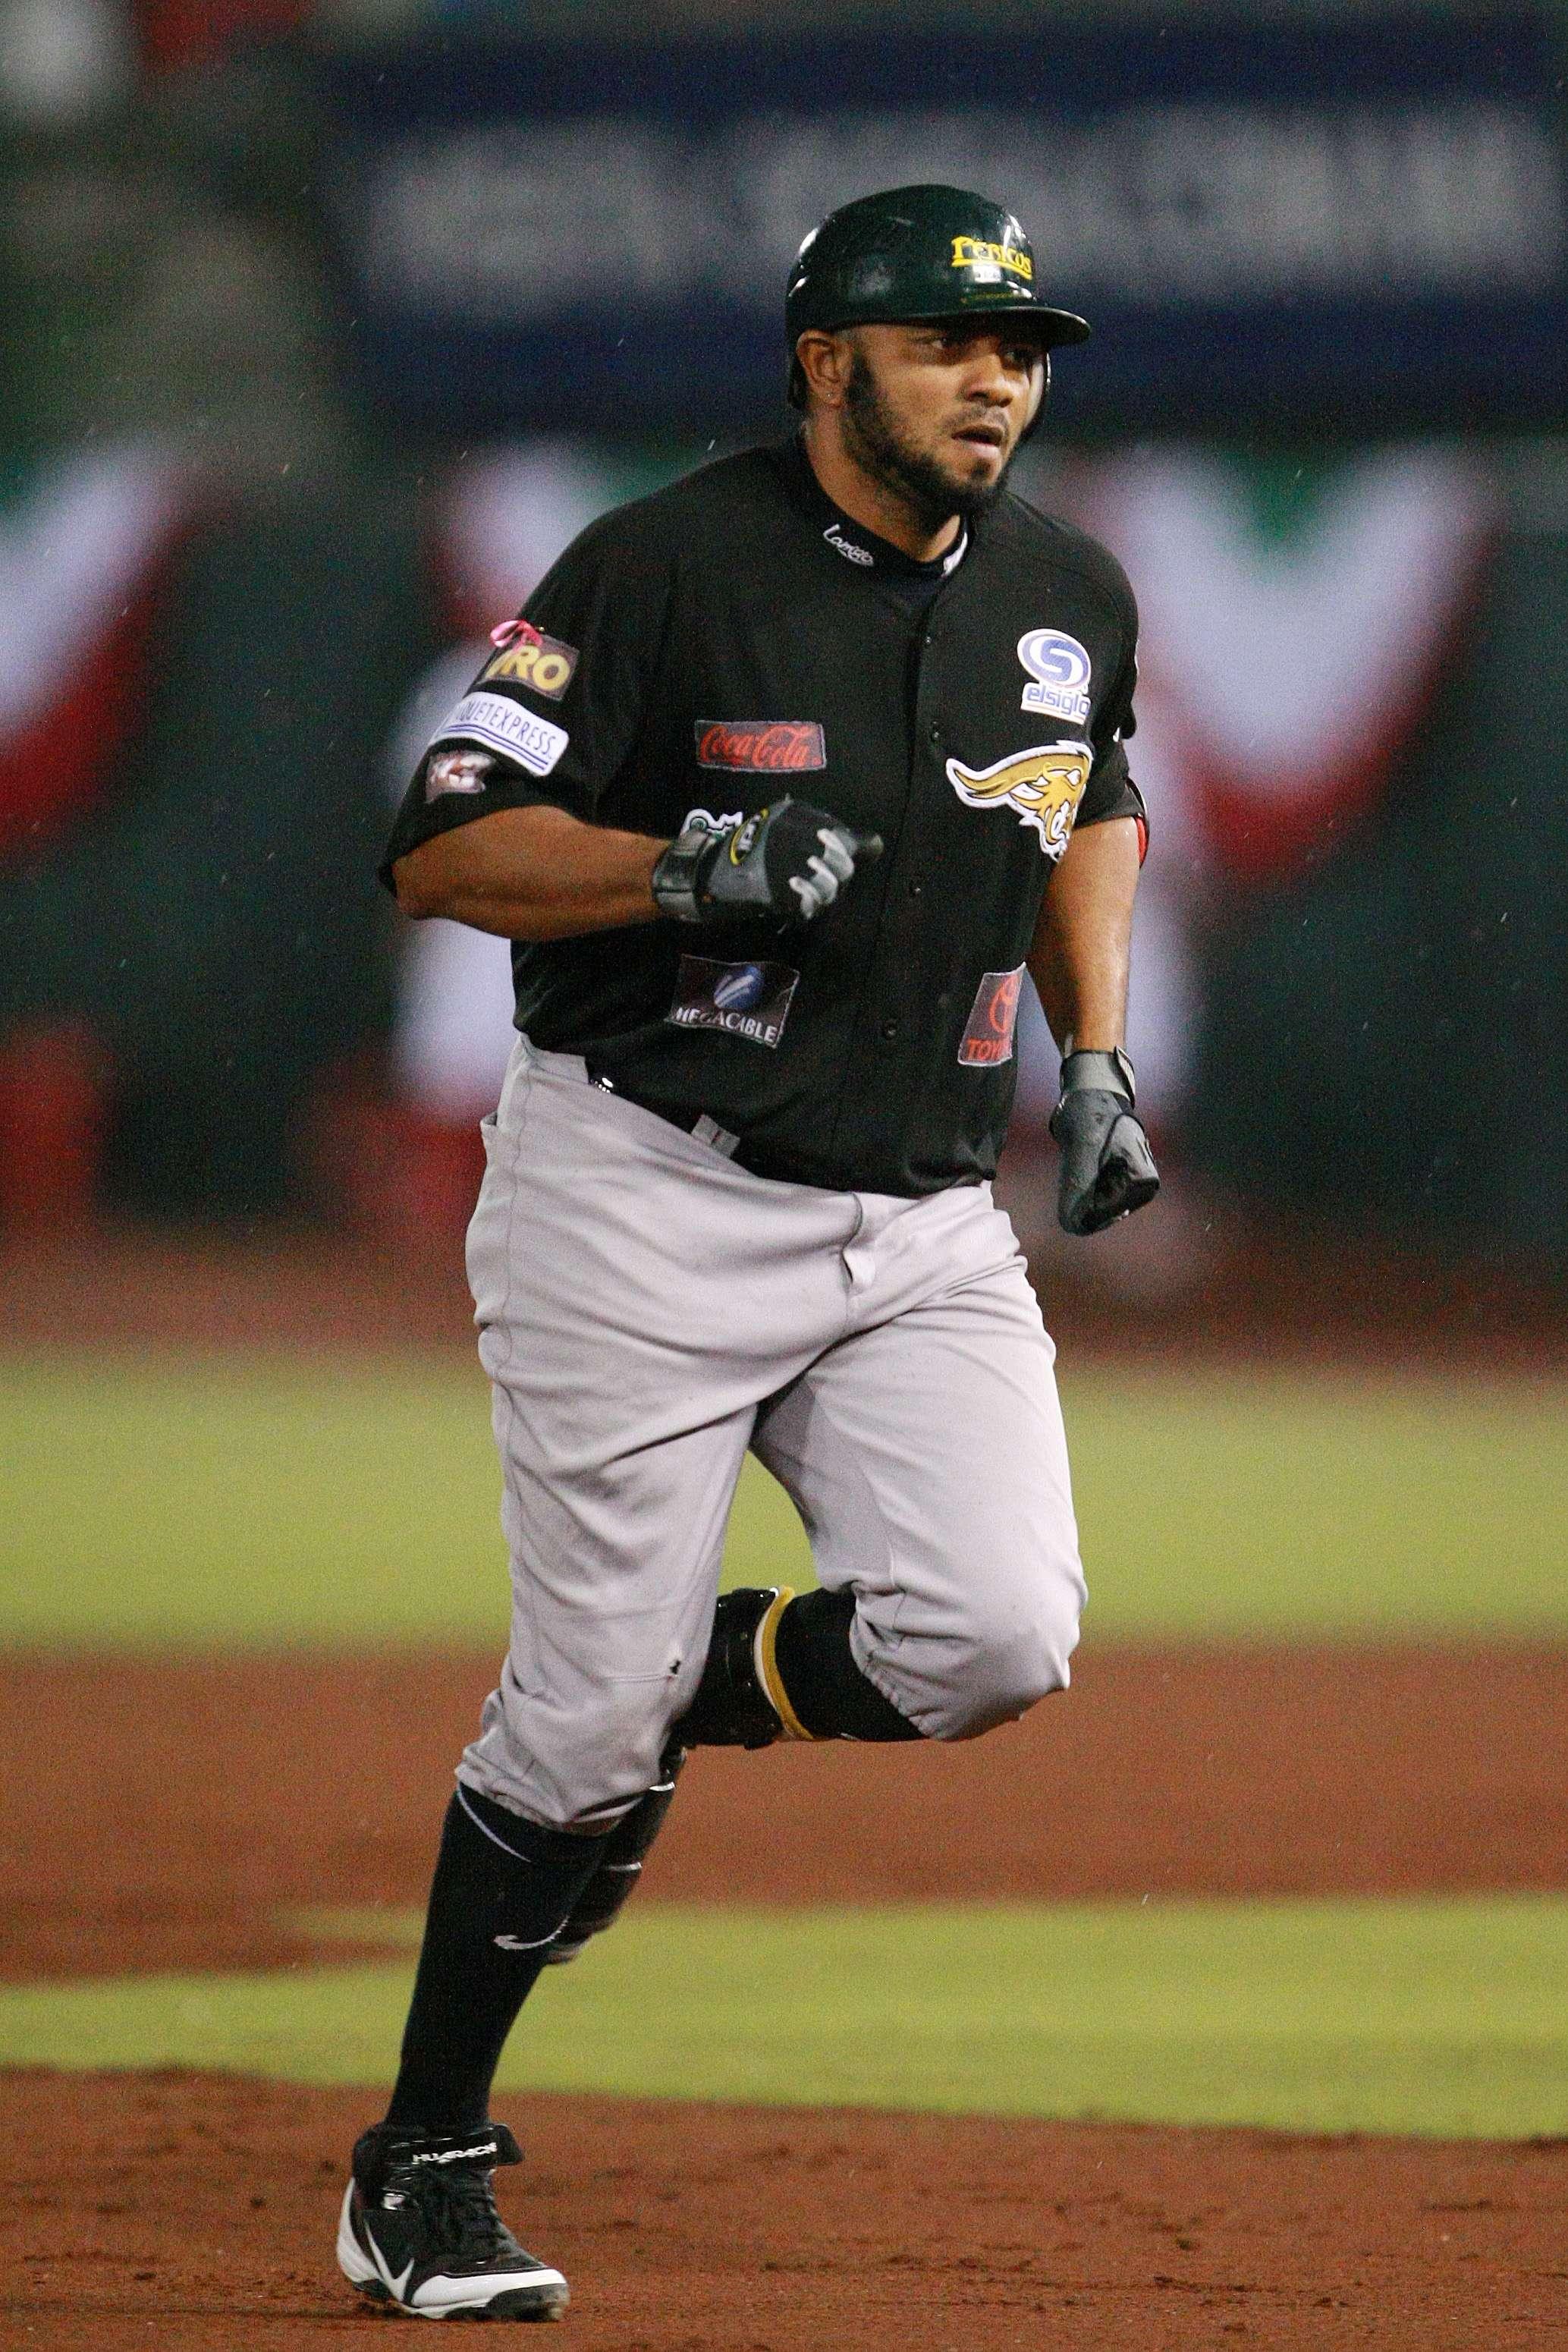 El poderoso Sandy Madera el Más Valioso de la Liga Mexicana de Beisbol. Foto: JamMedia